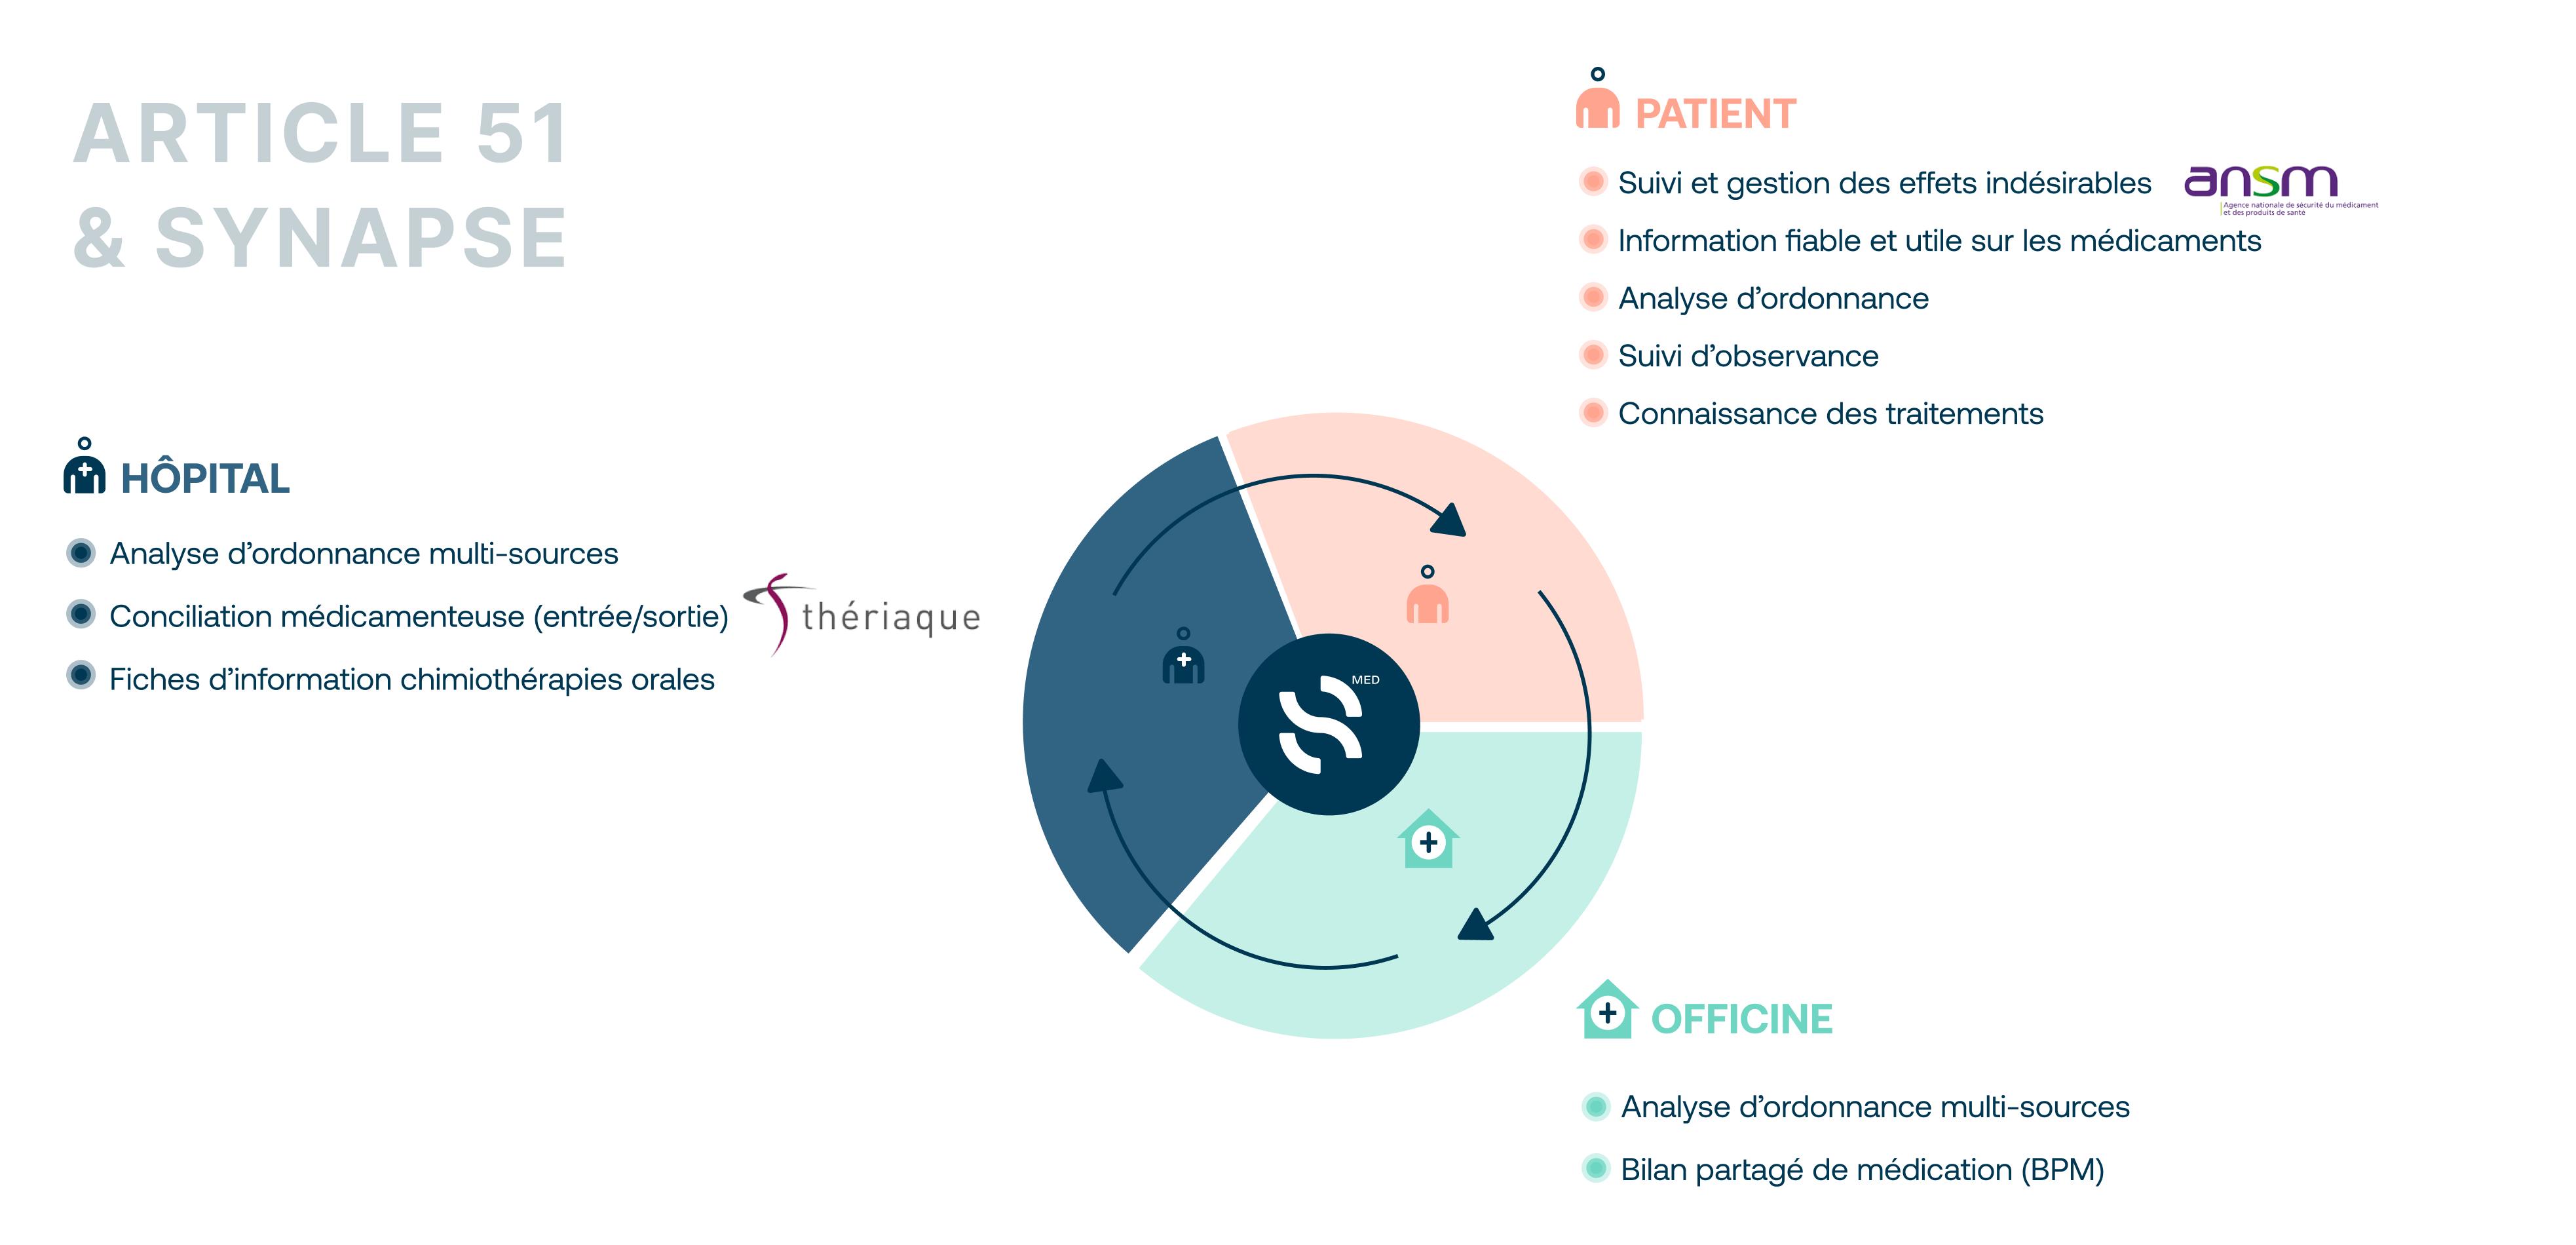 Représentation tri-partite de la solution apportée par Synapse aux patients, hopitaux et officines.